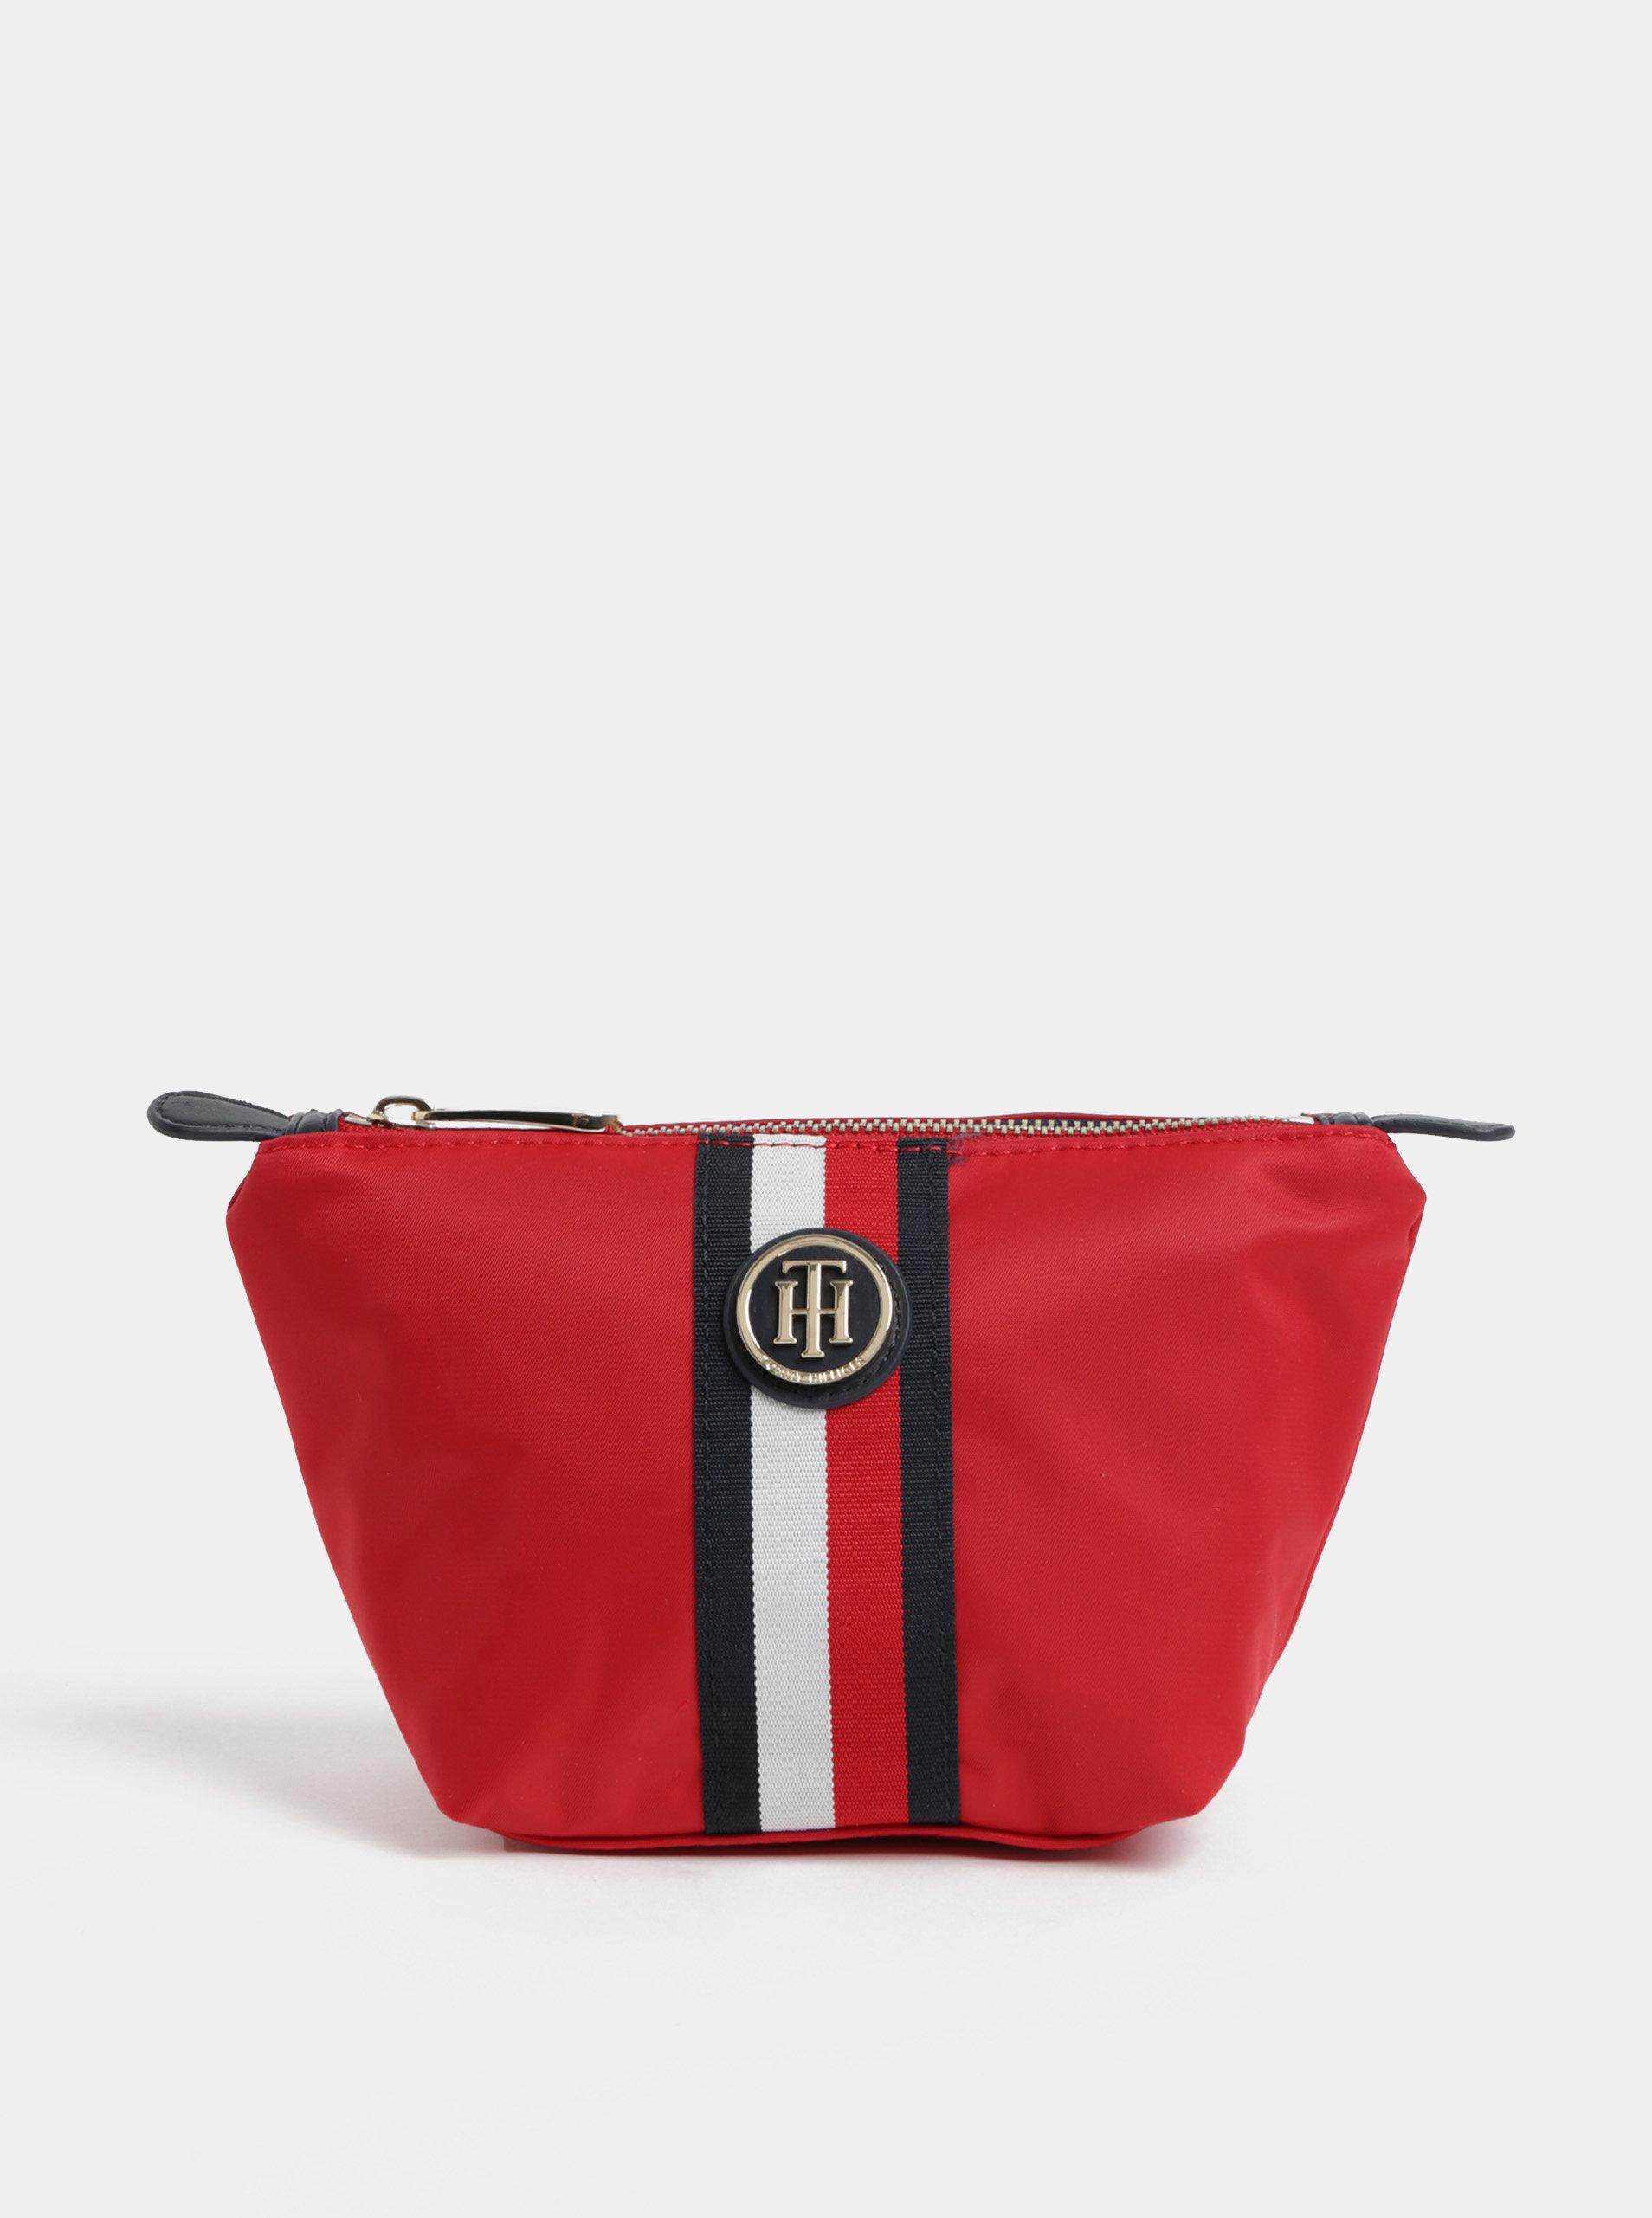 Červená dámská kosmetická taštička Tommy Hilfiger Poppy ... b6dca610e2